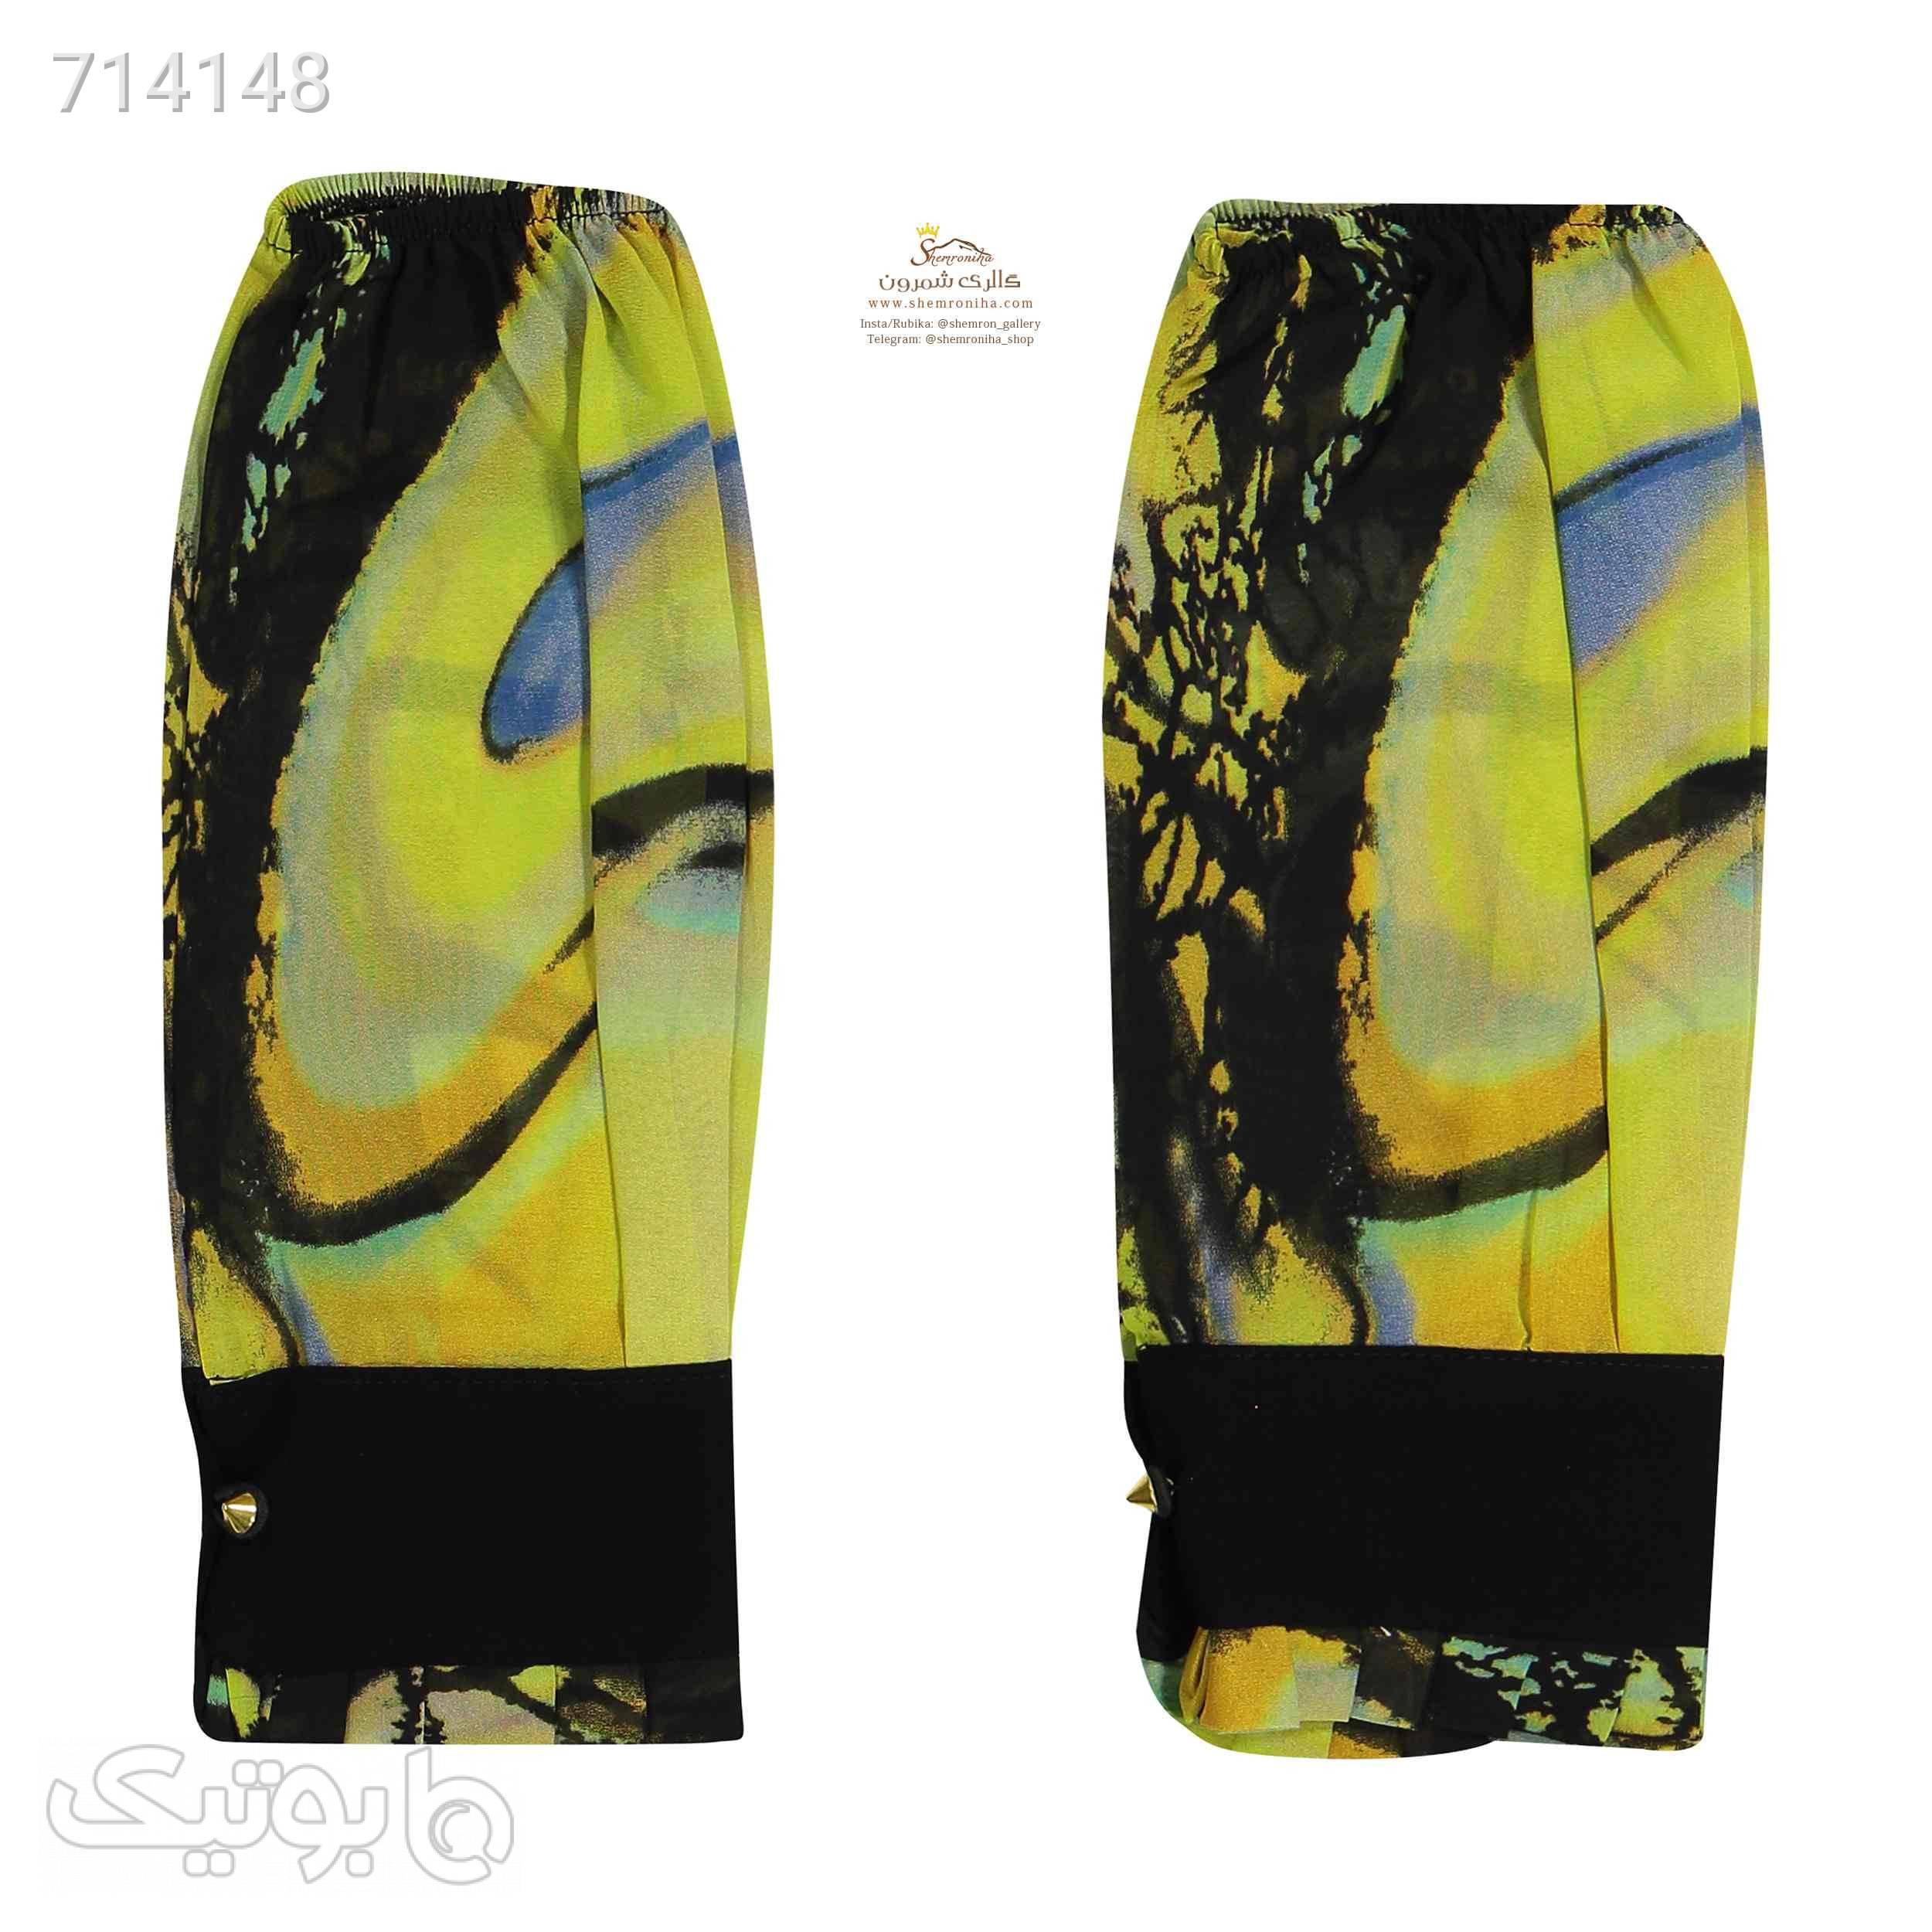 ست روسری، ساق دست و یقه مدرن SCA122R زرد شال و روسری